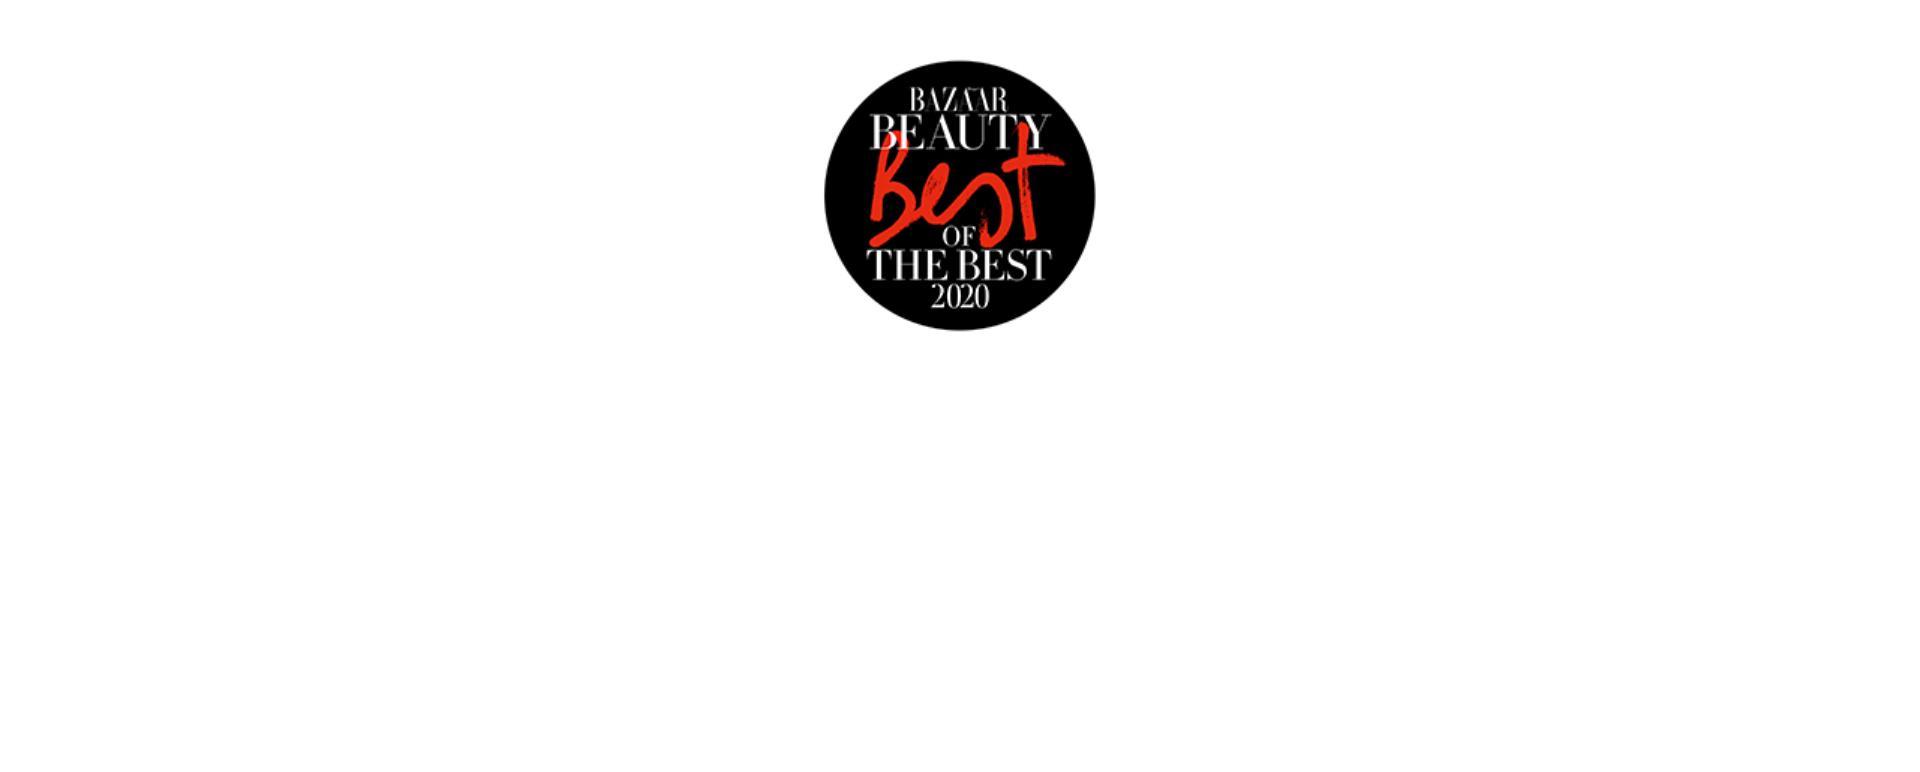 Bazaar Beauty Best of the Best 2020 logo